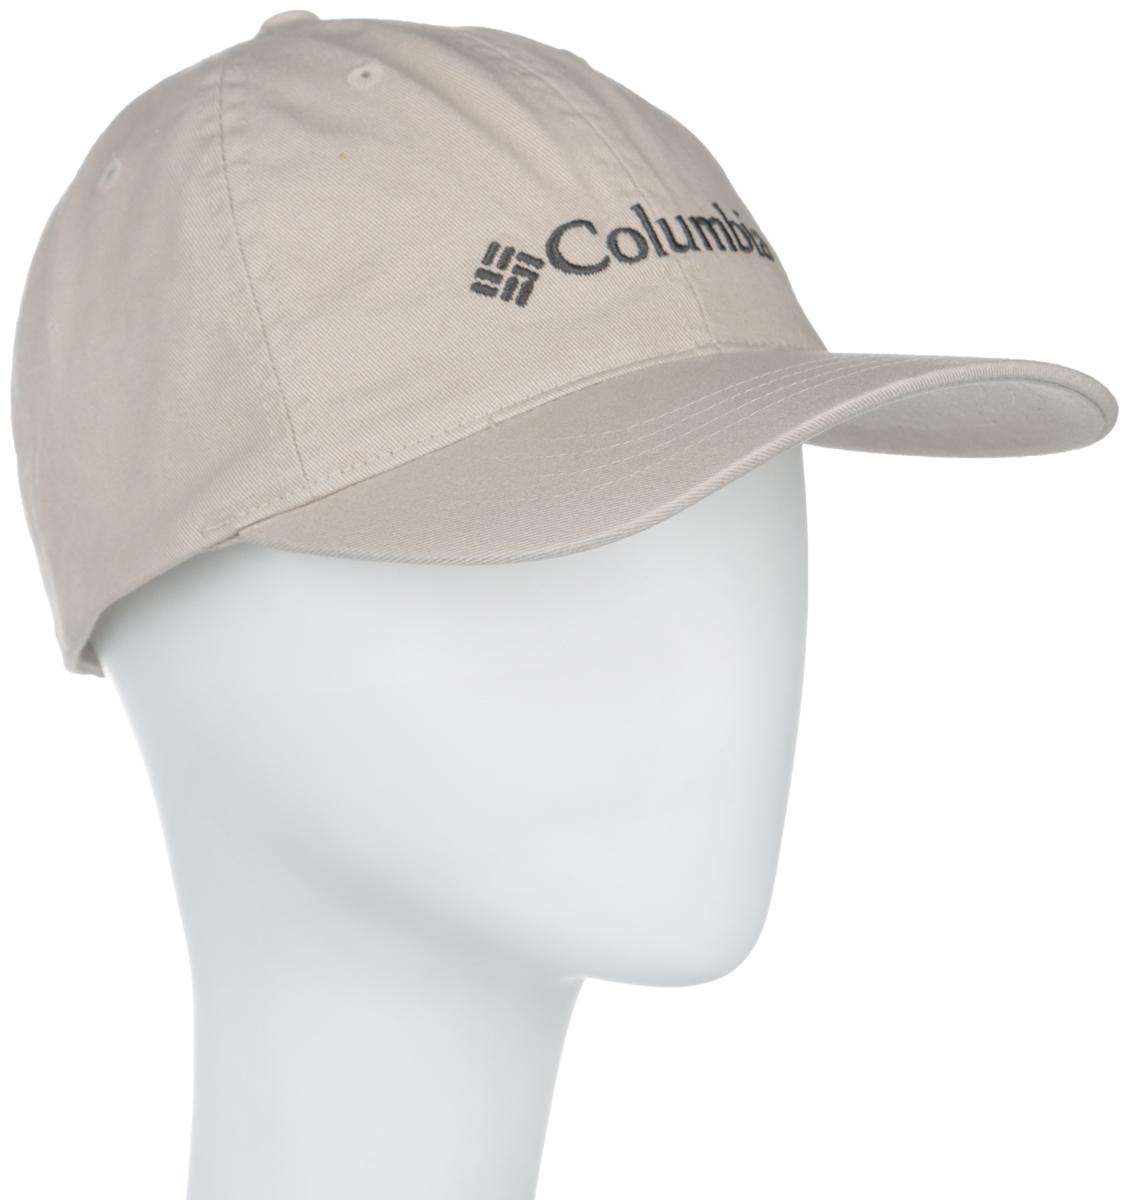 Бейсболка Columbia ROC Logo Ball Cap, цвет: бежевый. 1586931-160. Размер универсальный1586931-160Стильная бейсболка Columbia ROC Logo Ball Cap, выполненная из натурального хлопка, идеально подойдет для прогулок, занятия спортом и отдыха. Она надежно защитит вас от солнца и ветра. Изделие оформлено вышивкой с названием бренда. Объем бейсболки регулируется с помощью липучки.Ничто не говорит о настоящем любителе путешествий больше, чем любимая кепка. Эта модель станет отличным аксессуаром и дополнит ваш повседневный образ.